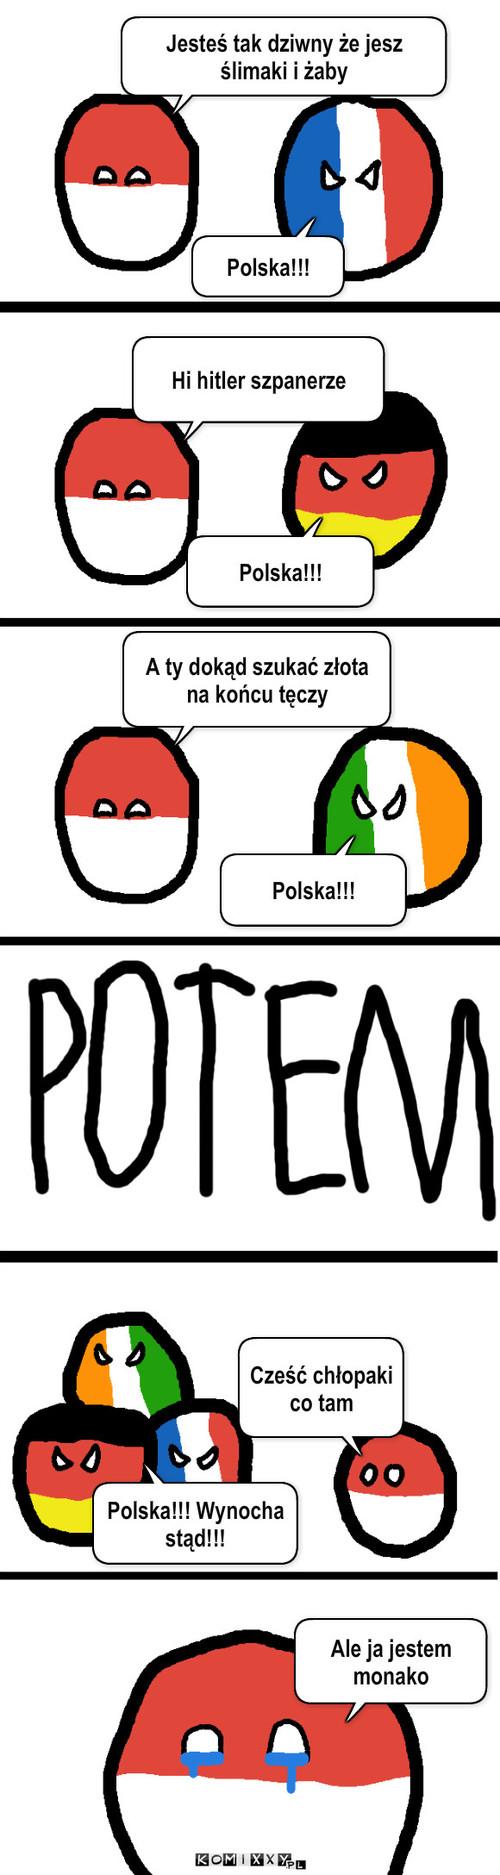 Wrobiony – Jesteś tak dziwny że jesz ślimaki i żaby Polska!!! Polska!!! Hi hitler szpanerze A ty dokąd szukać złota na końcu tęczy Polska!!! Cześć chłopaki co tam Polska!!! Wynocha stąd!!! Ale ja jestem monako